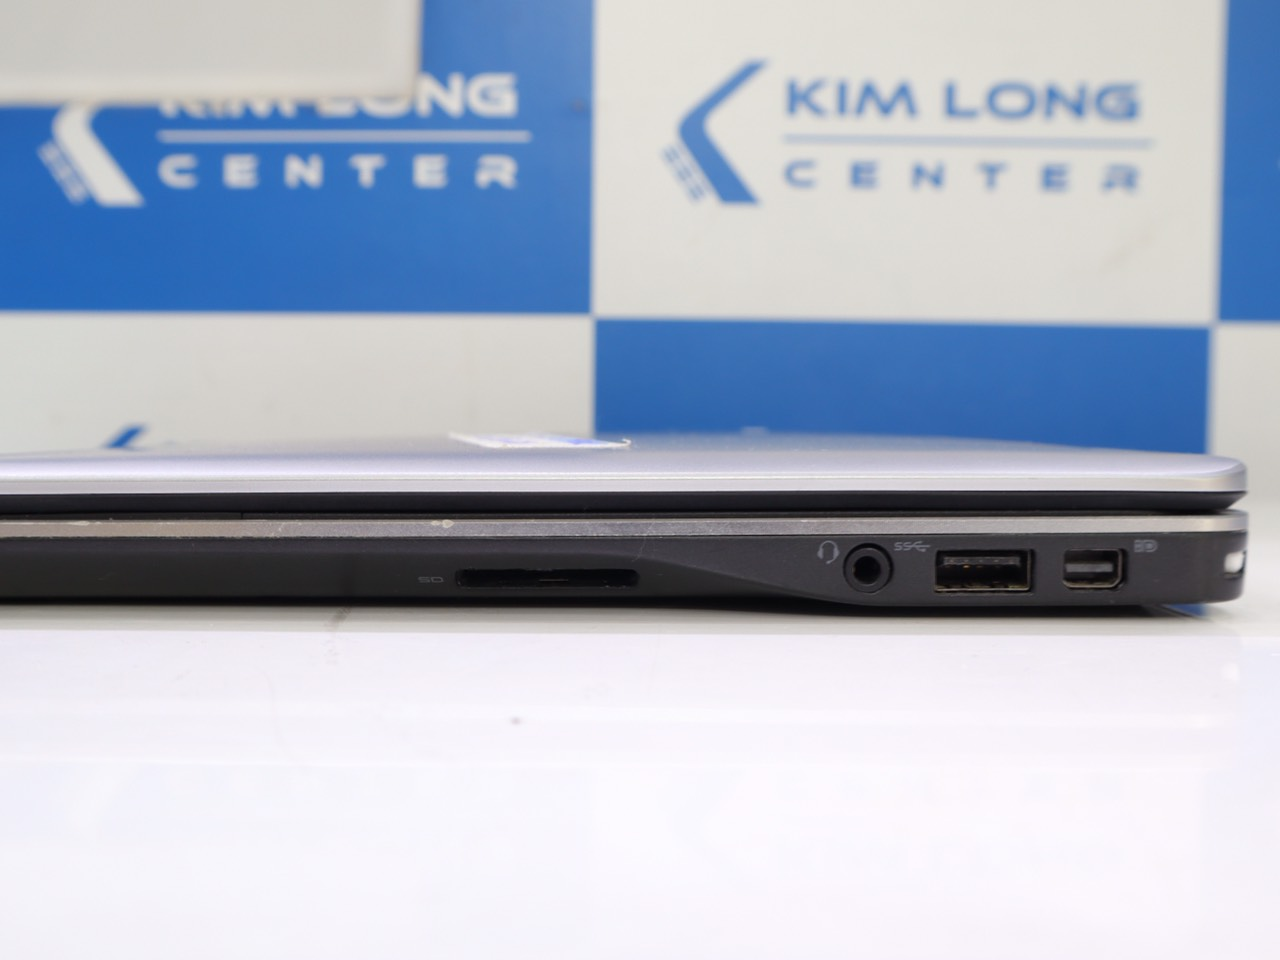 cổng kết nối Dell latitude E7240